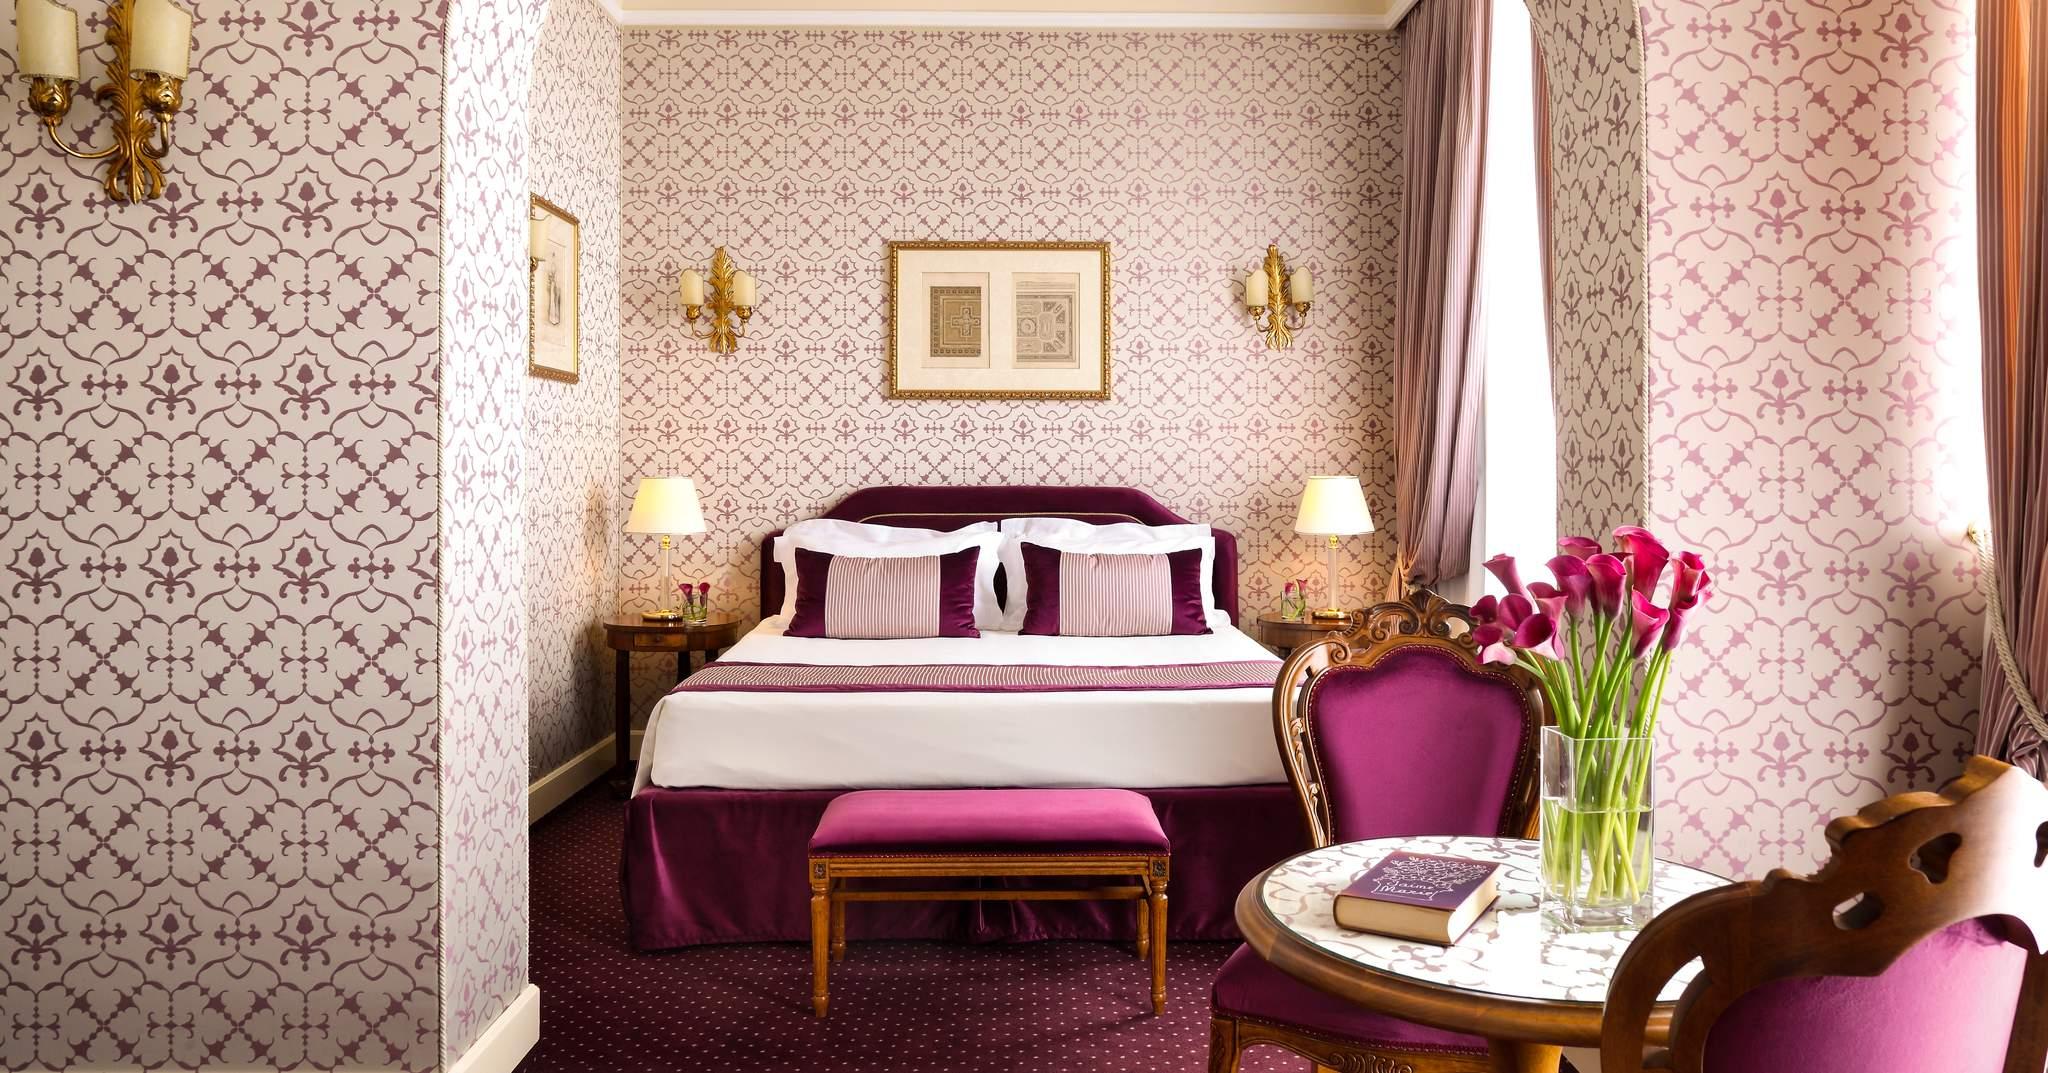 Hotel Londra Palace Venice Italy